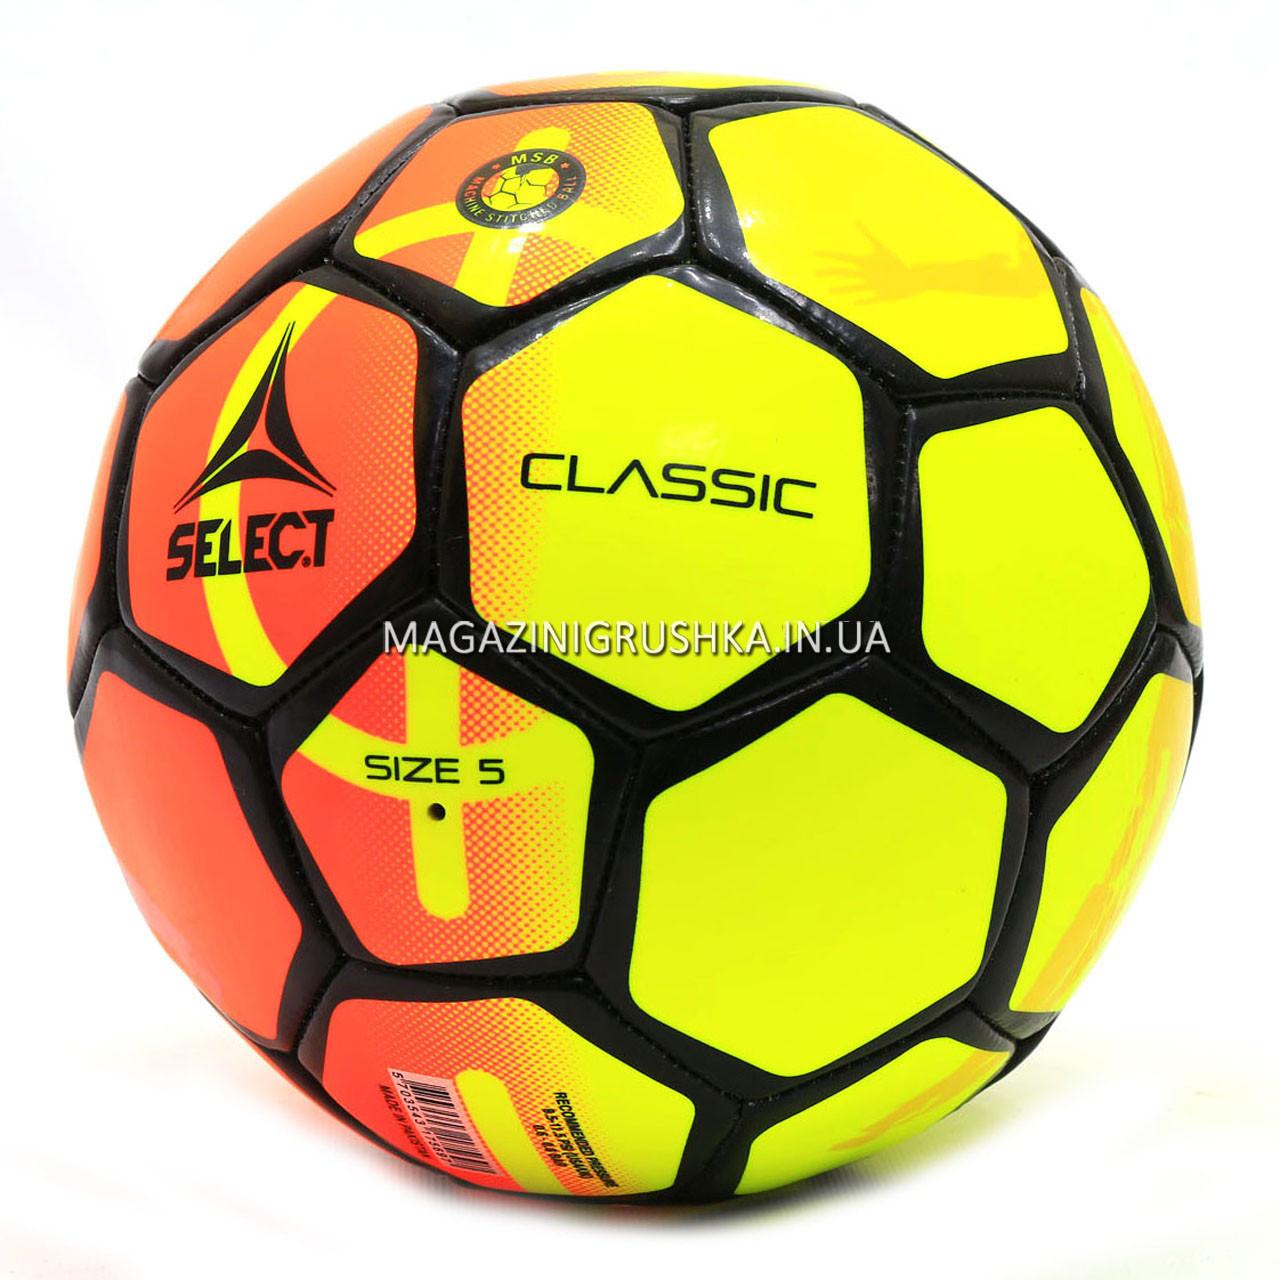 М'яч футбольний SELECT Classic